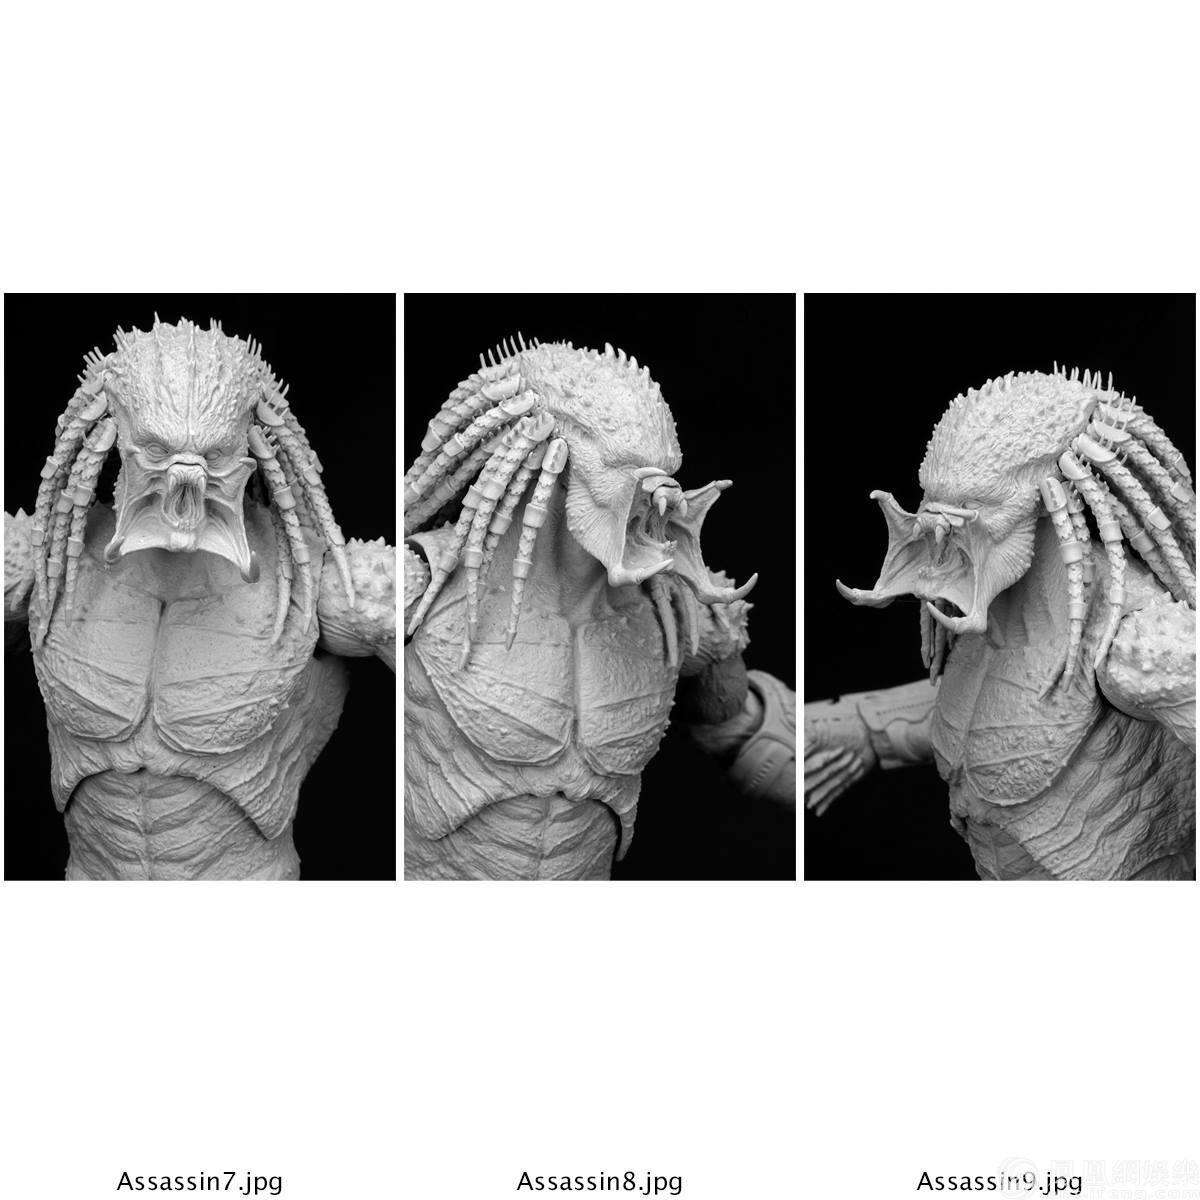 《侏罗纪公园》特效大师 打造《铁血战士》经典形象